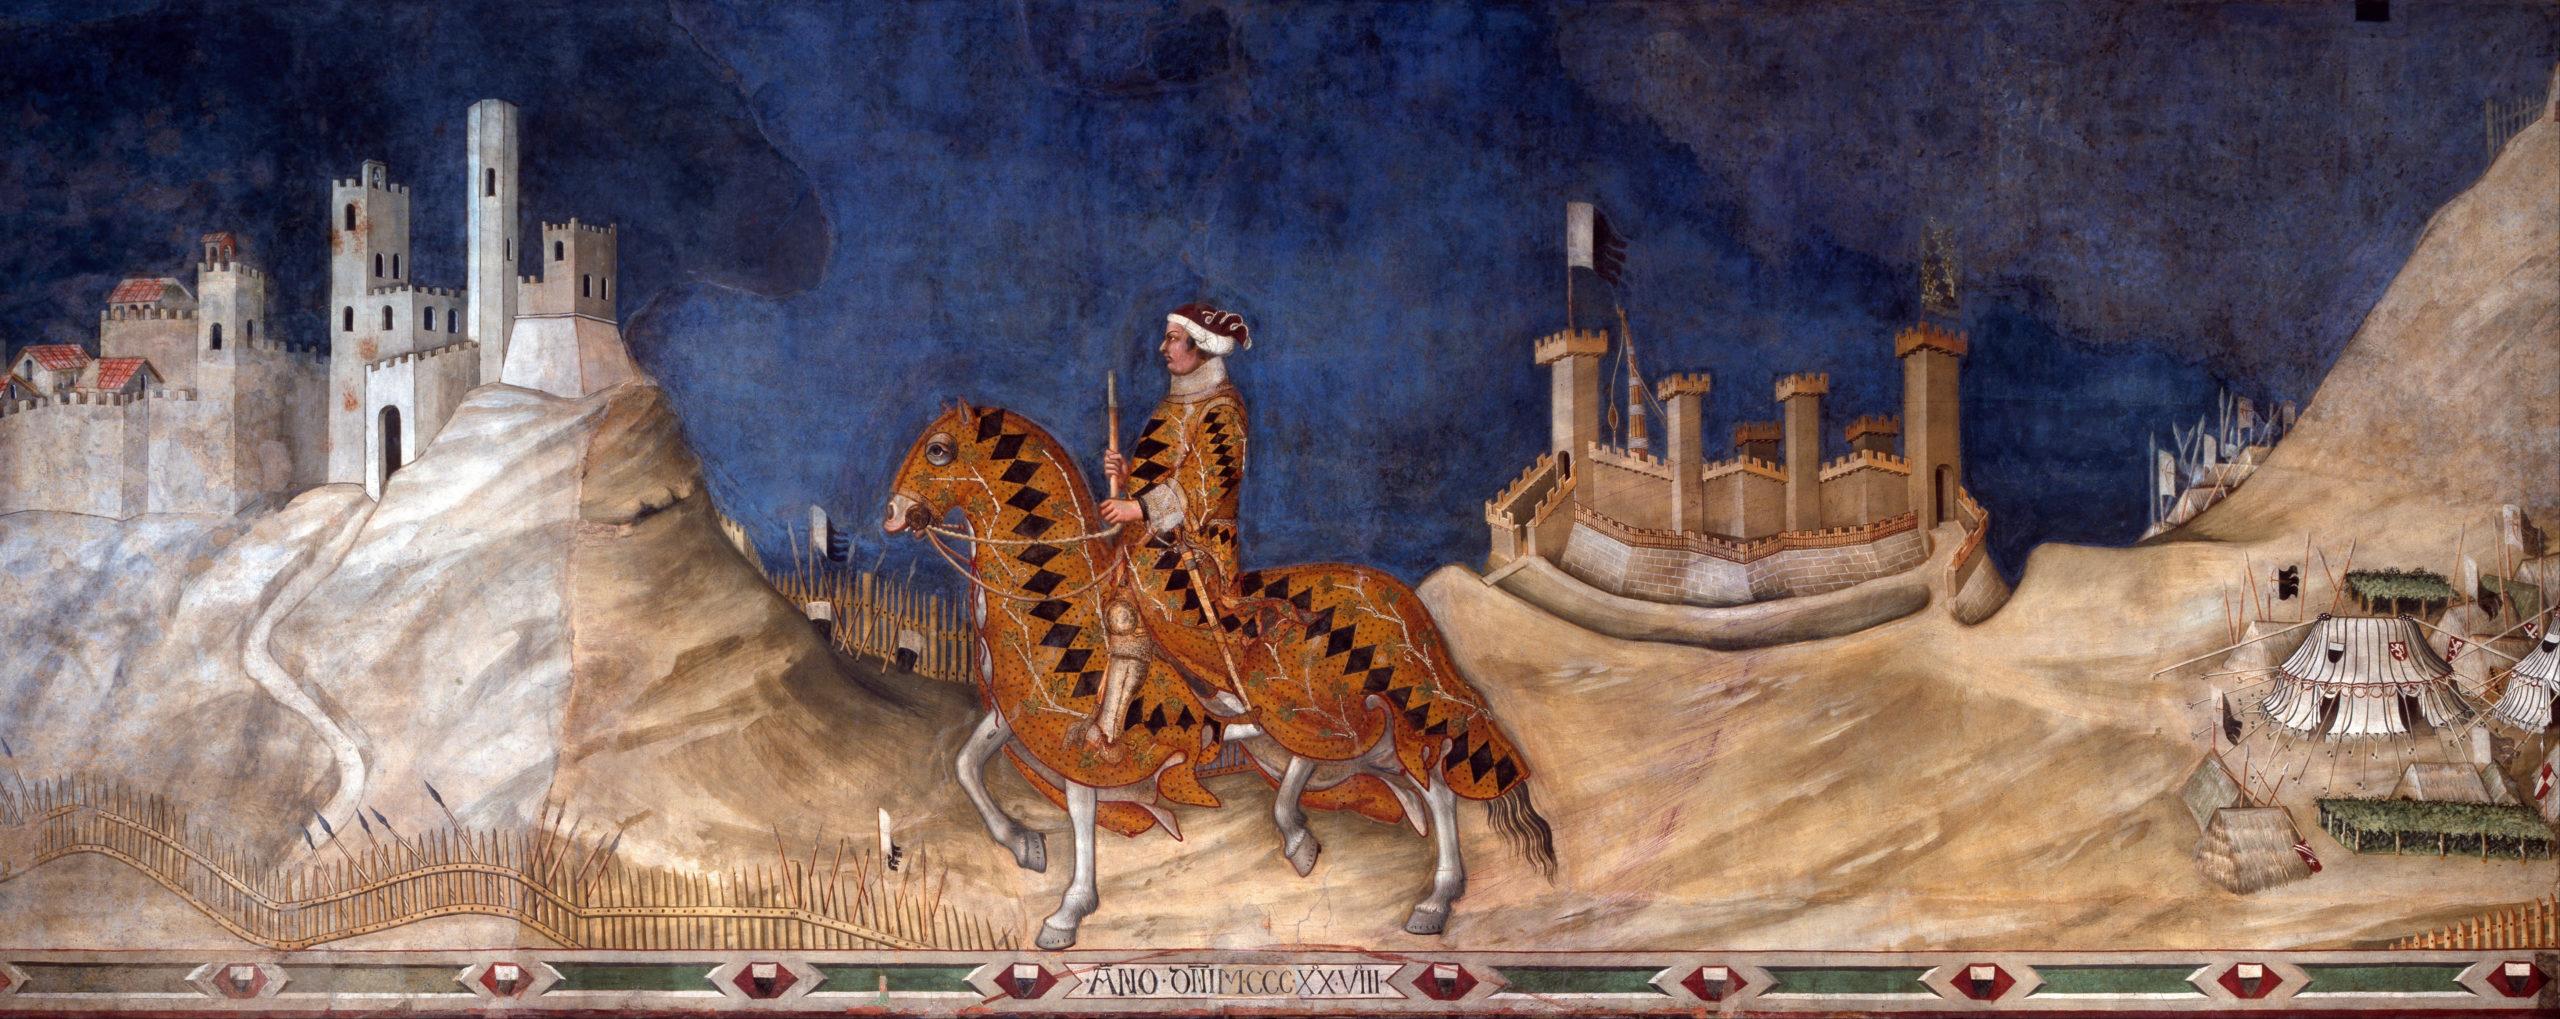 Simone Martini, Guidoriccio da Fogliano all'assedio di Montemassi, Palazzo Pubblico de Sienne (Toscane)